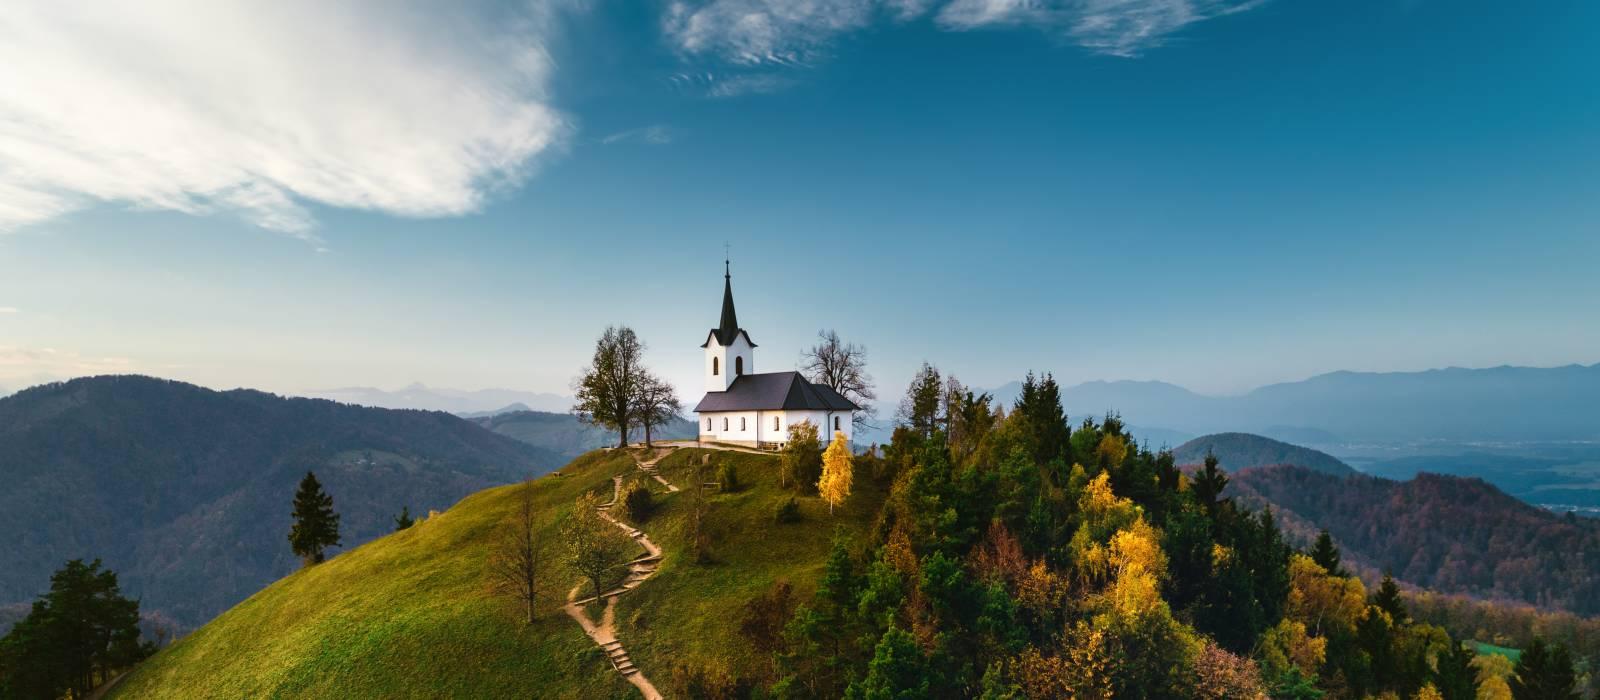 St. Jakobs Hügel bei den Polhov Gradec Bergen bei bestem Wetter